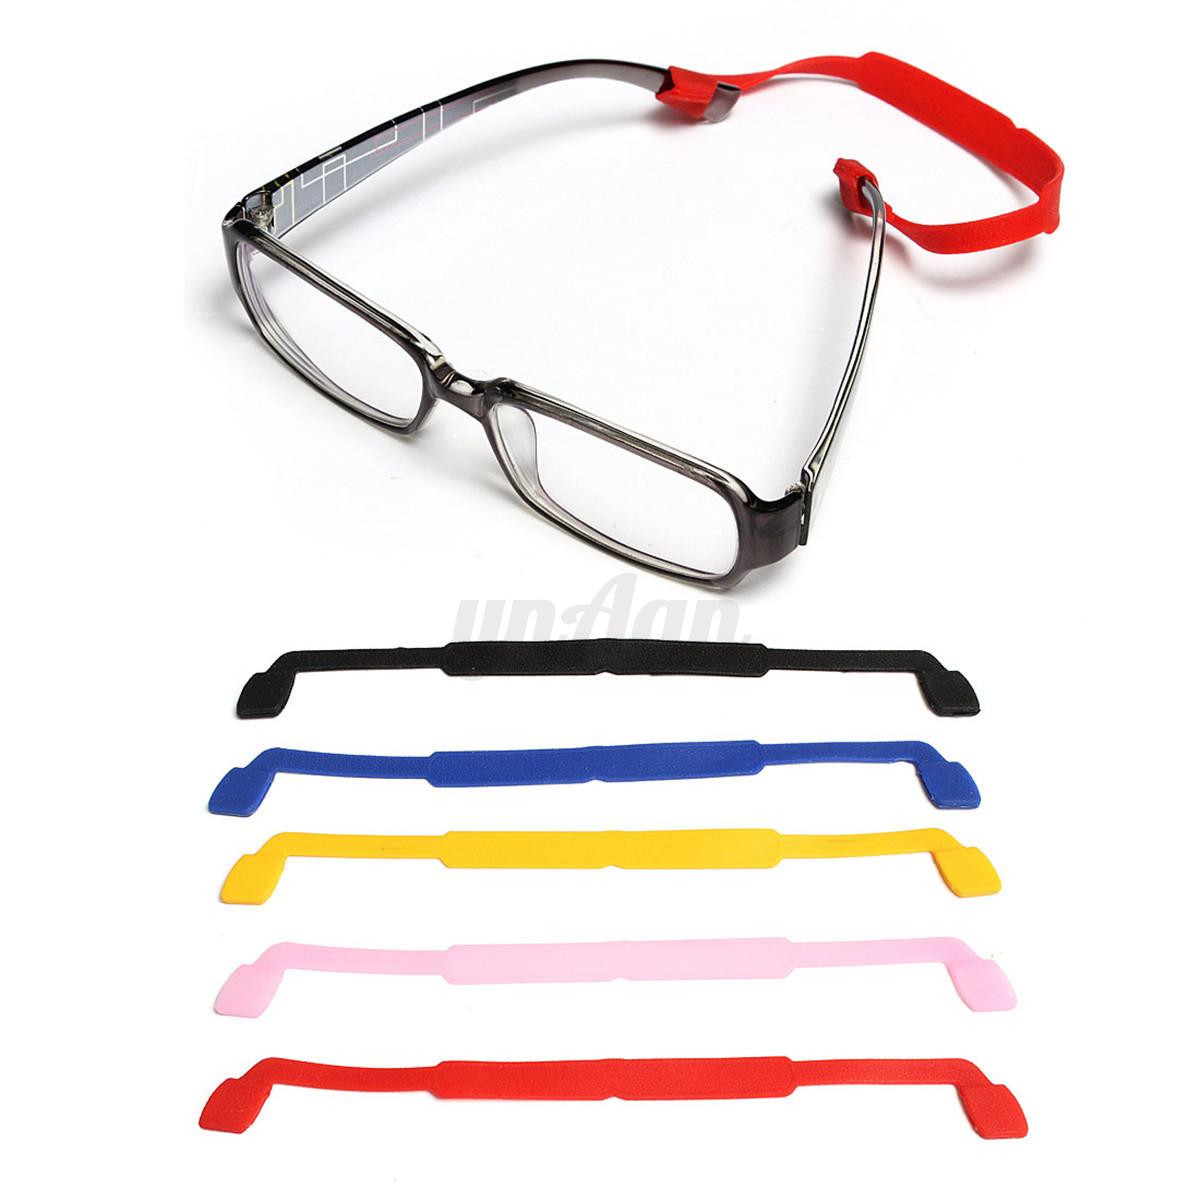 cordelette lunette attache cha ne chainette cordon. Black Bedroom Furniture Sets. Home Design Ideas